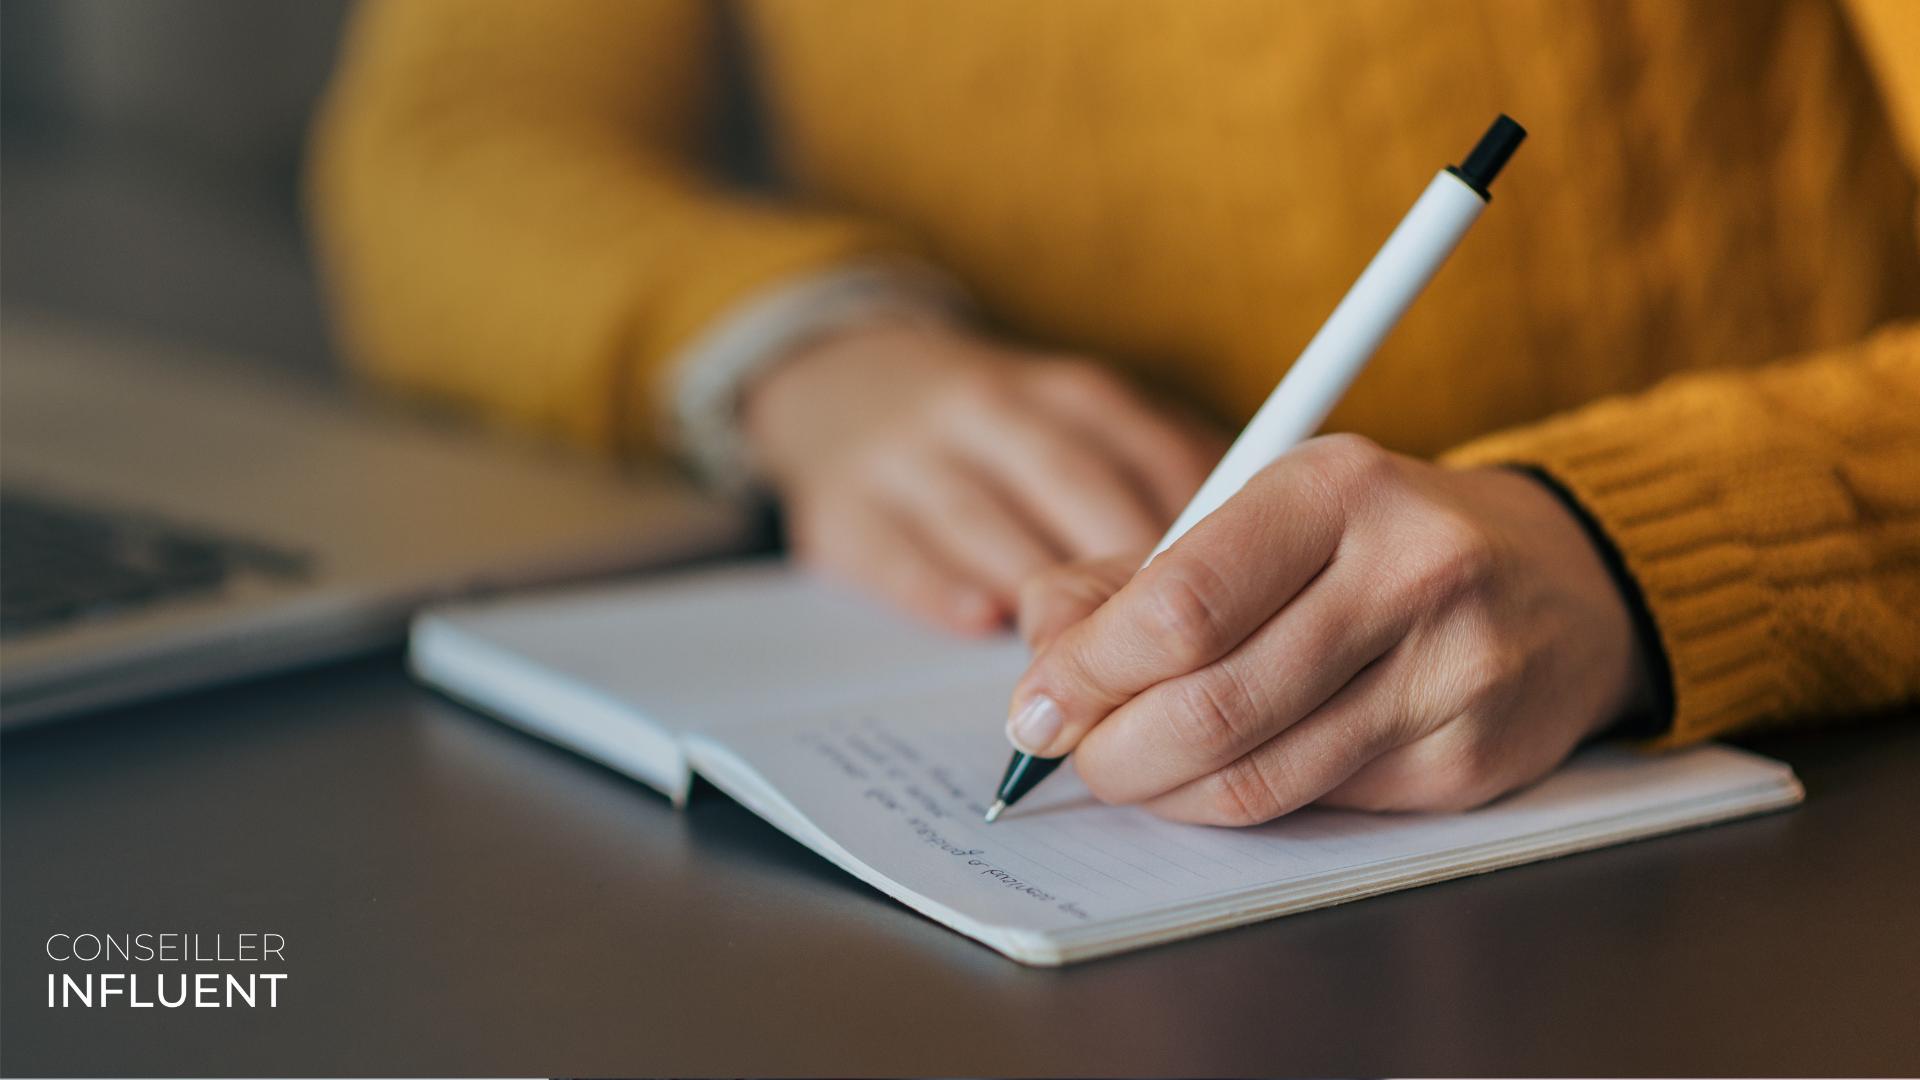 «La ligne éditoriale ou comment construire une communication immobilière efficace»,  Conseiller Influent